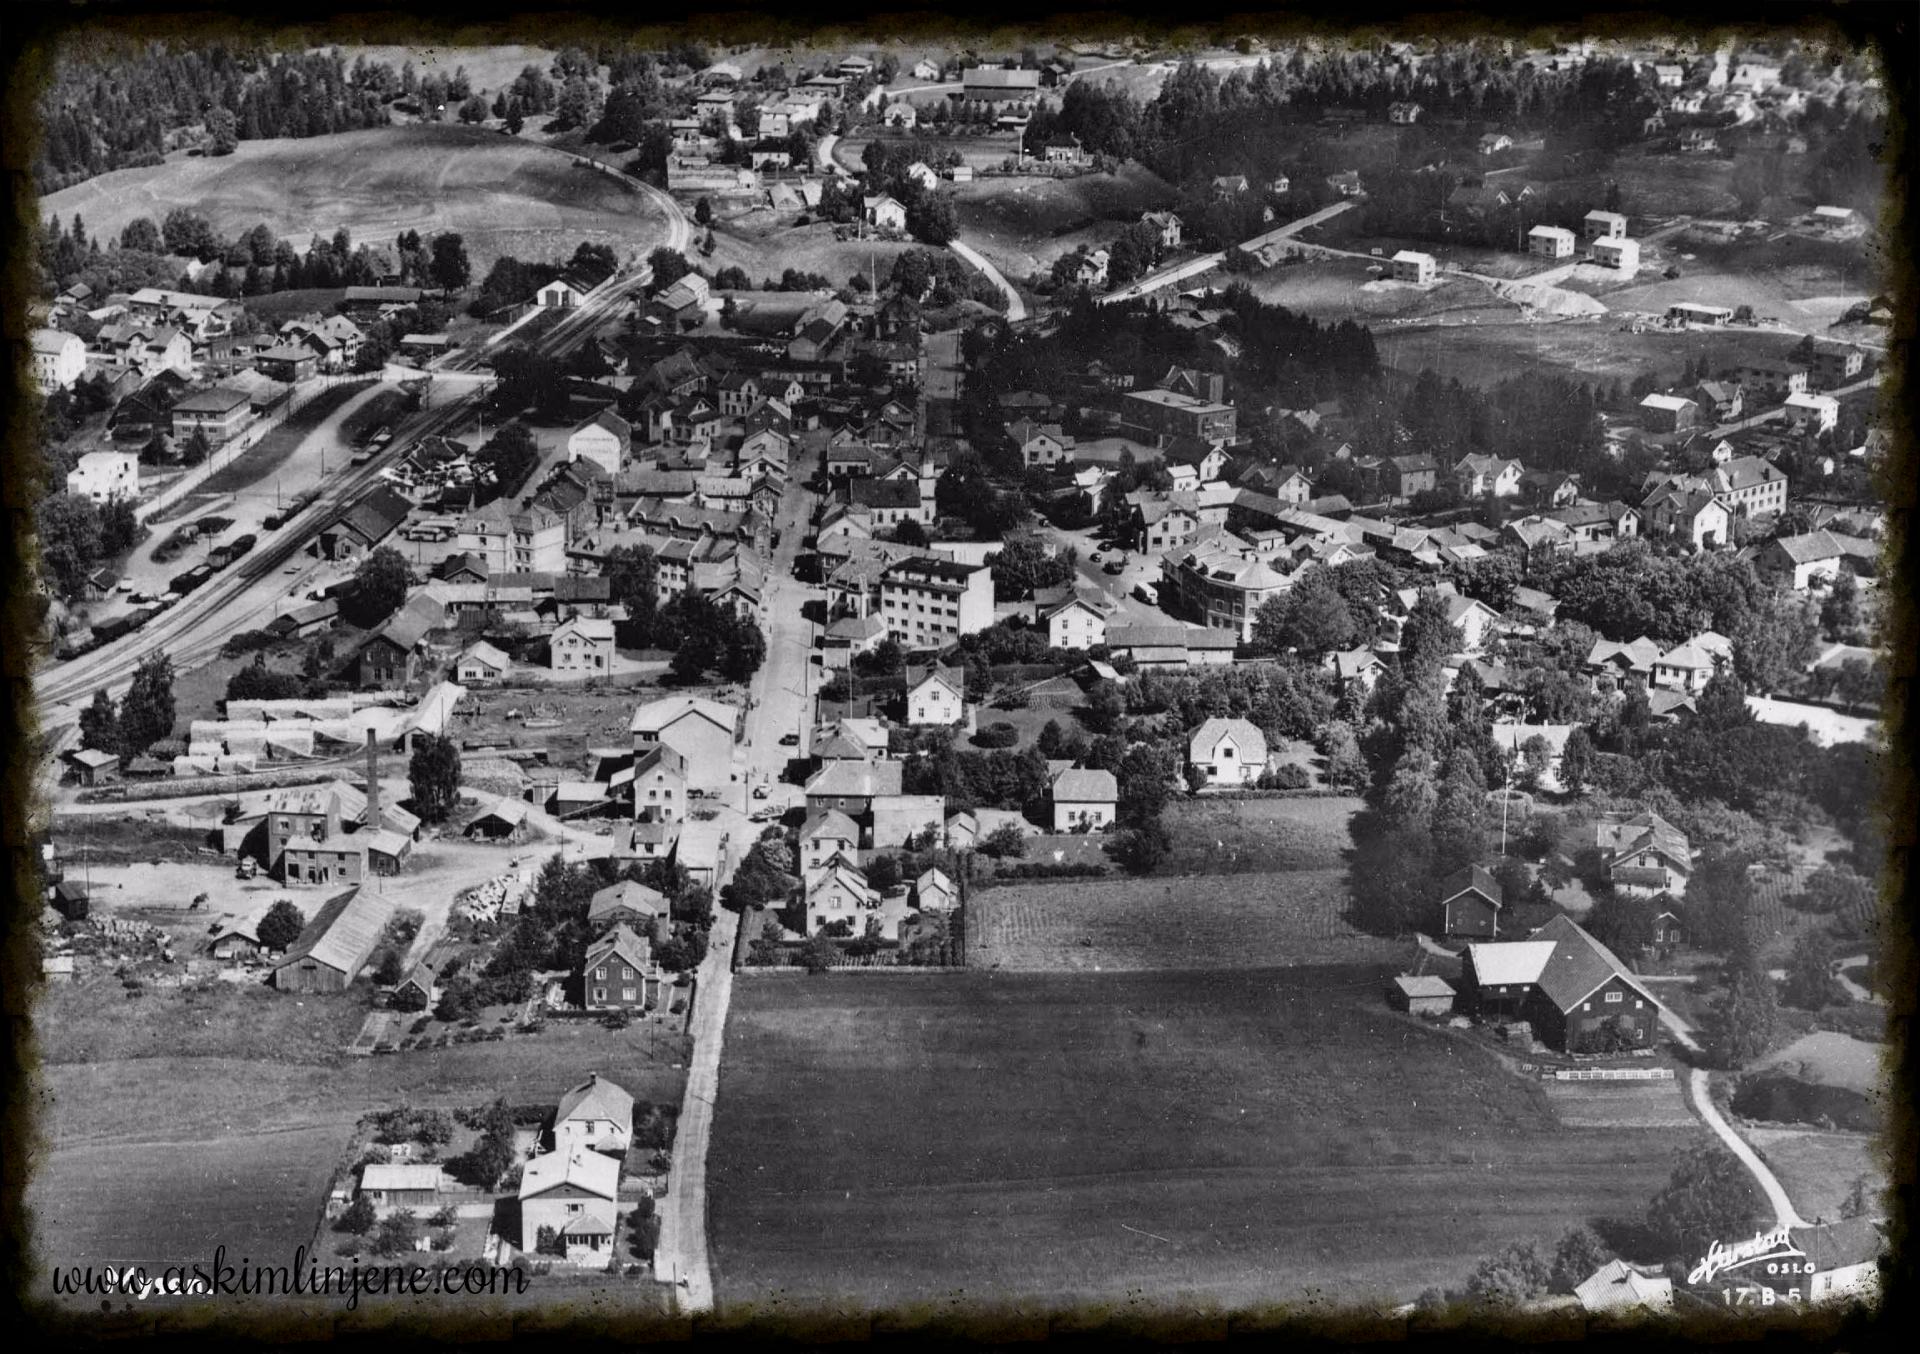 Flyfoto Mysen slutten på 1940-tallet